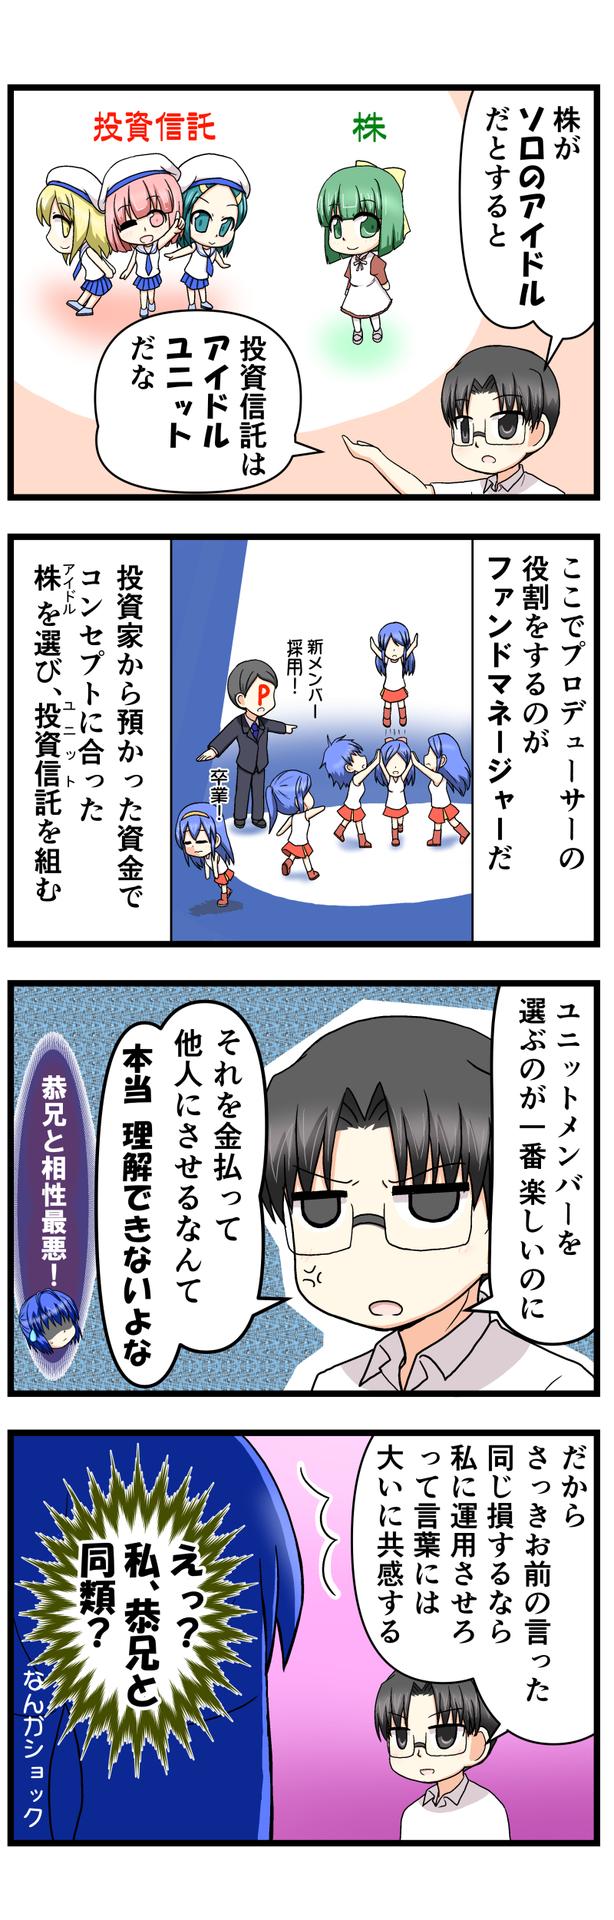 萌える株セミナー92.jpg